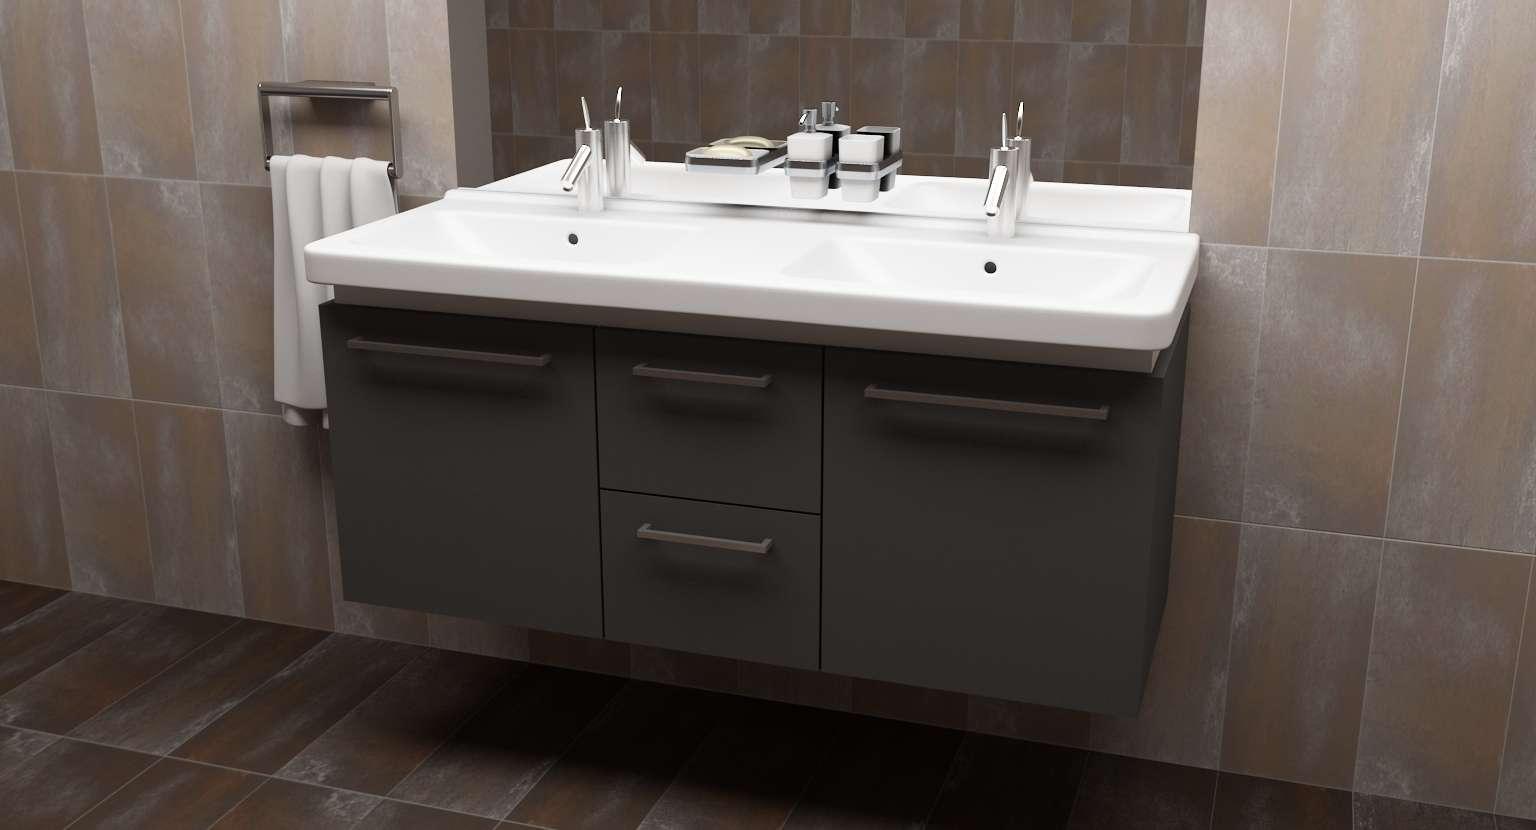 Skrinka pod umývadlo na mieru - Obrázok č. 1